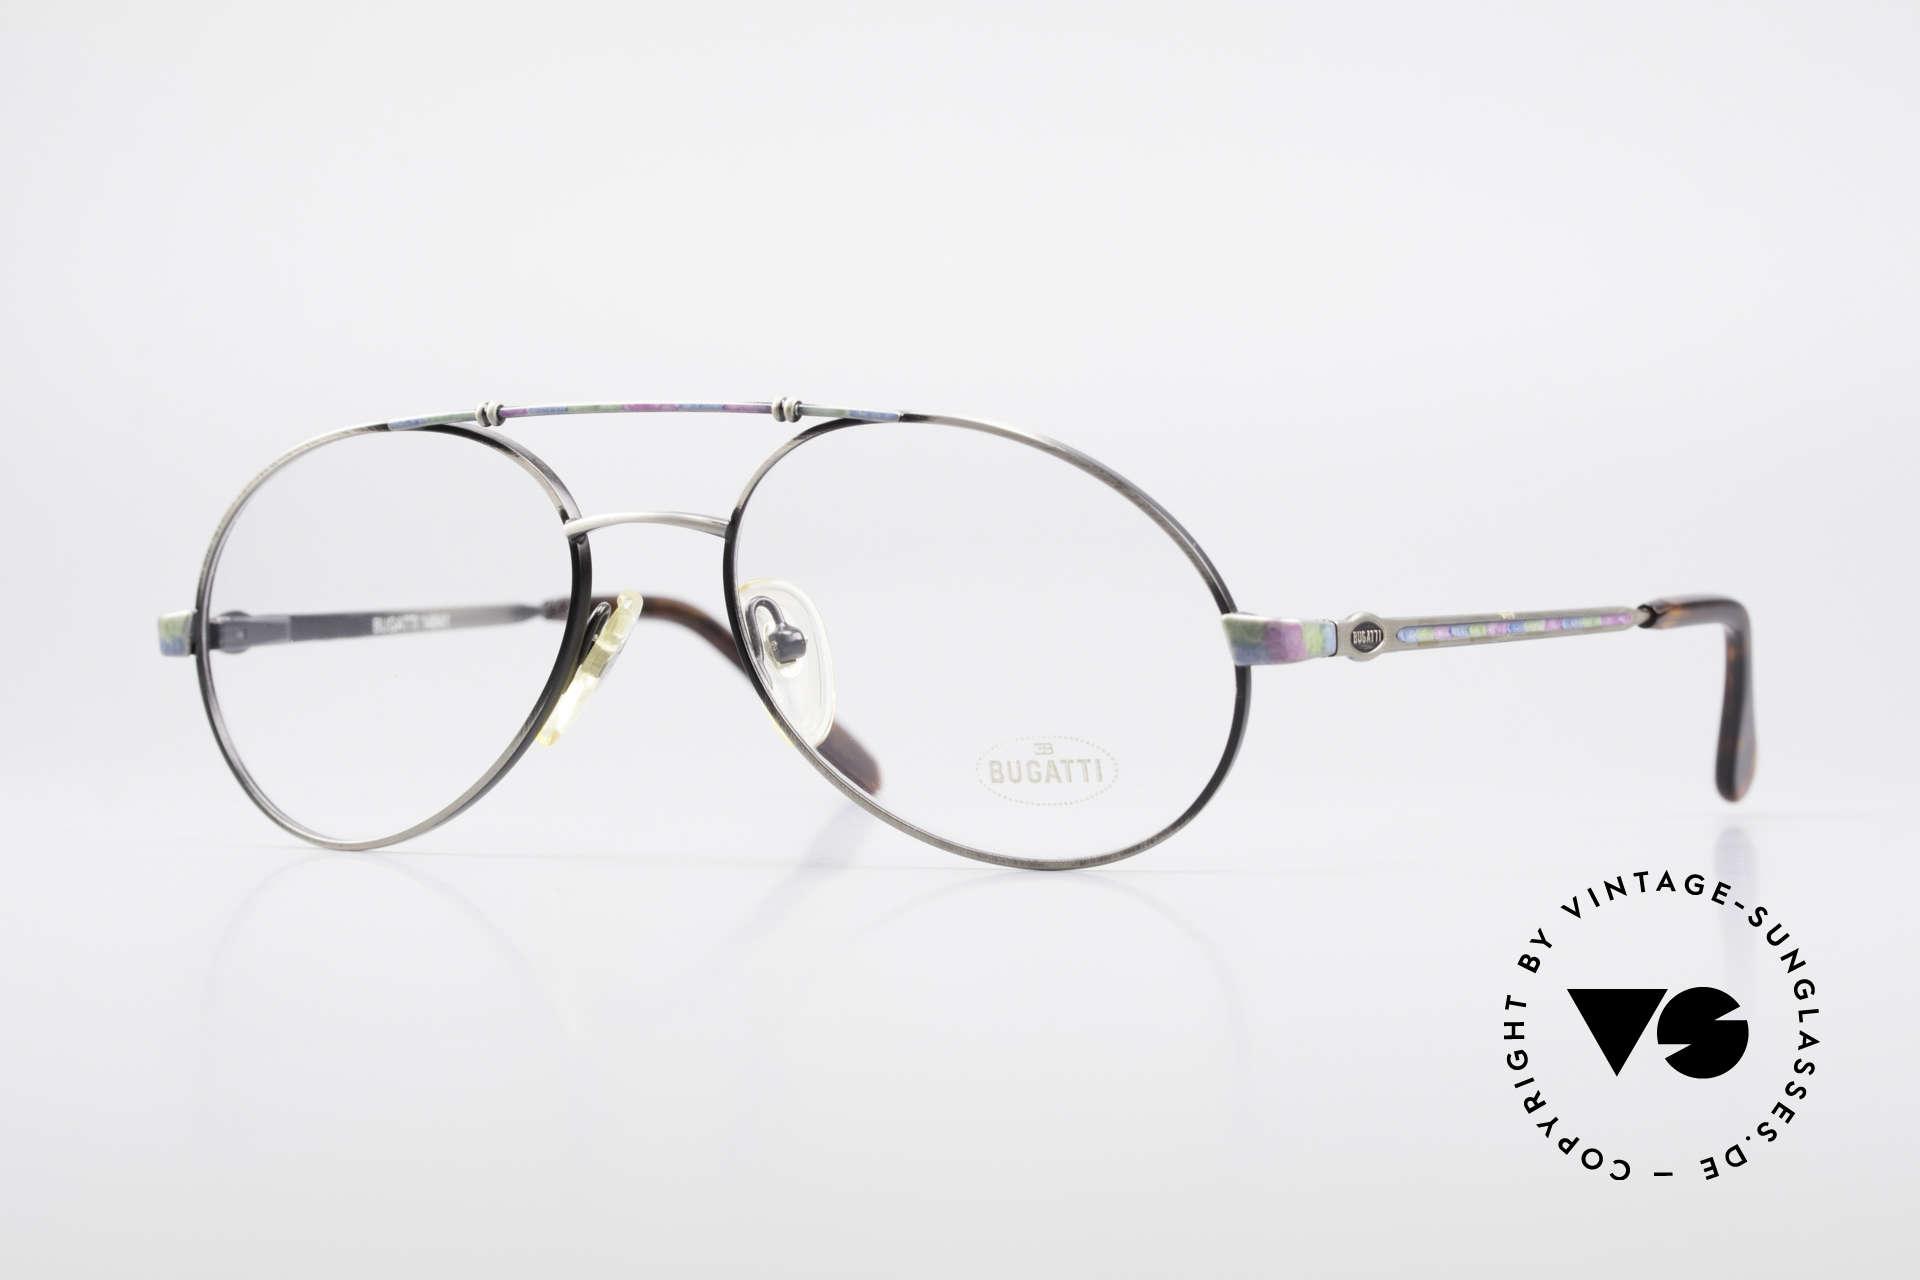 Bugatti 14841 Titanium 80er Vintage Brille, sehr elegante Designer-Brillenfasung von Bugatti, Passend für Herren